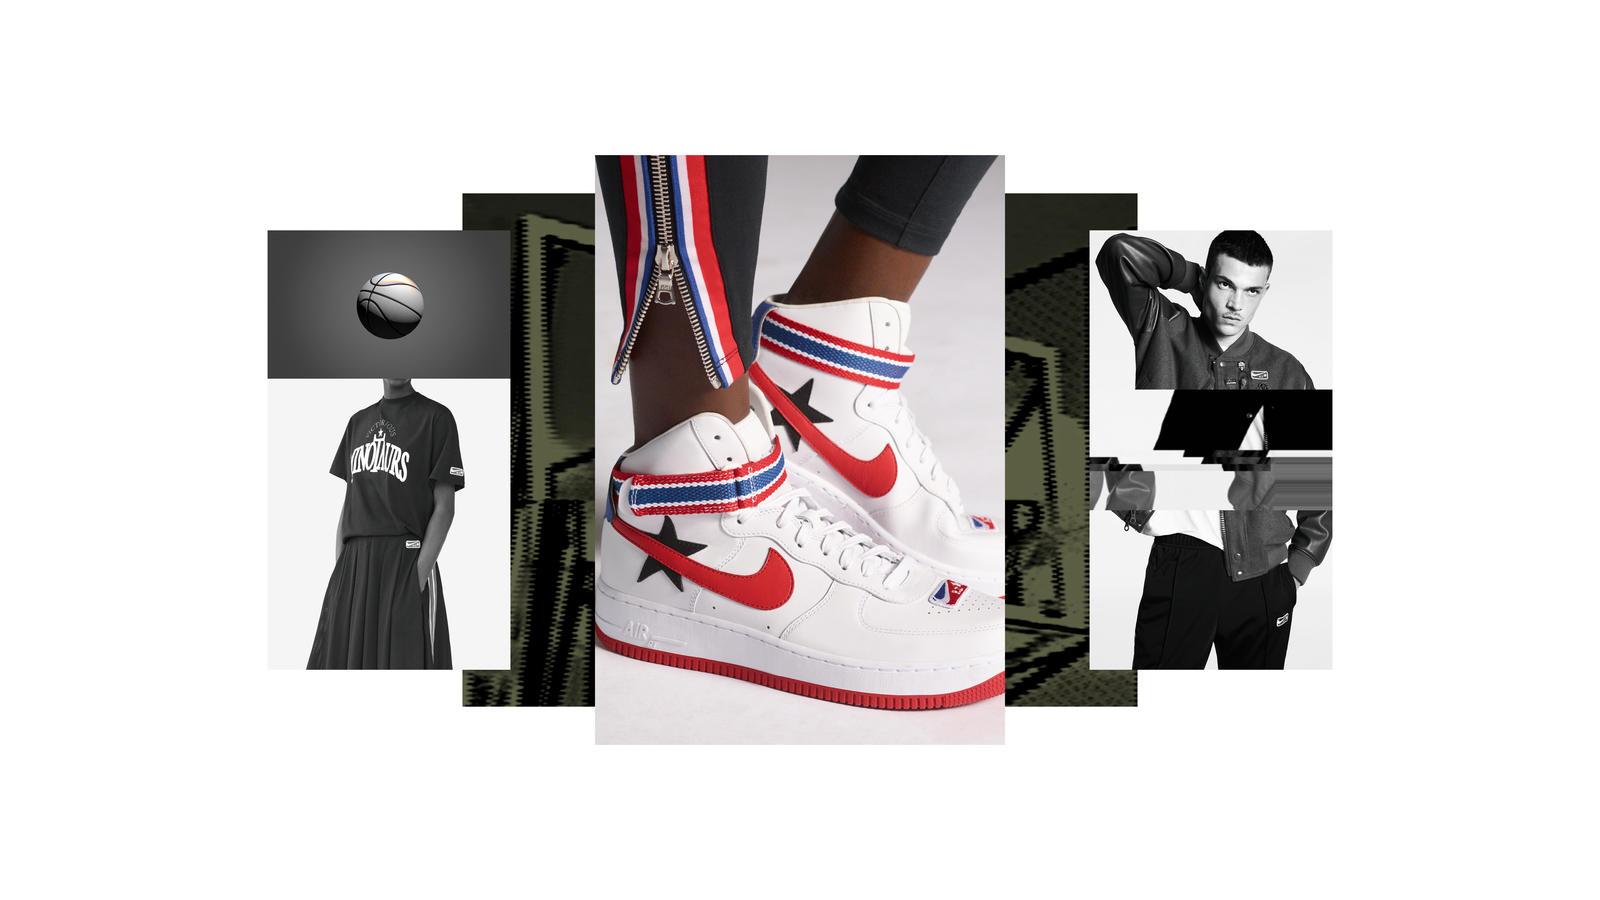 NikeLab Air Force 1 High x Riccardo Tisci 'Victorious